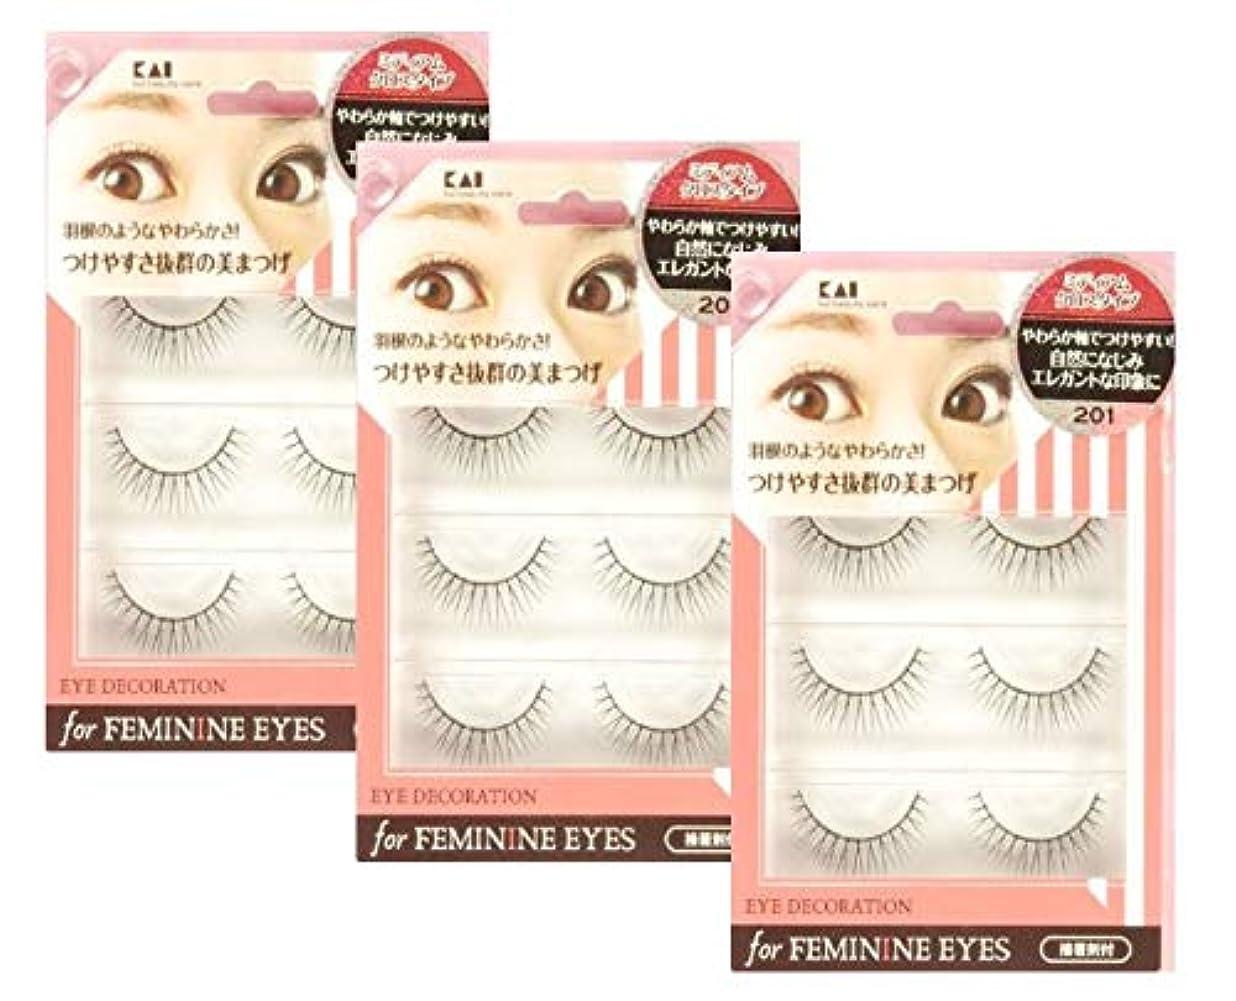 パトロール手順磨かれた【まとめ買い3個セット】アイデコレーション for feminine eyes 201 ミディアムクロスタイプ